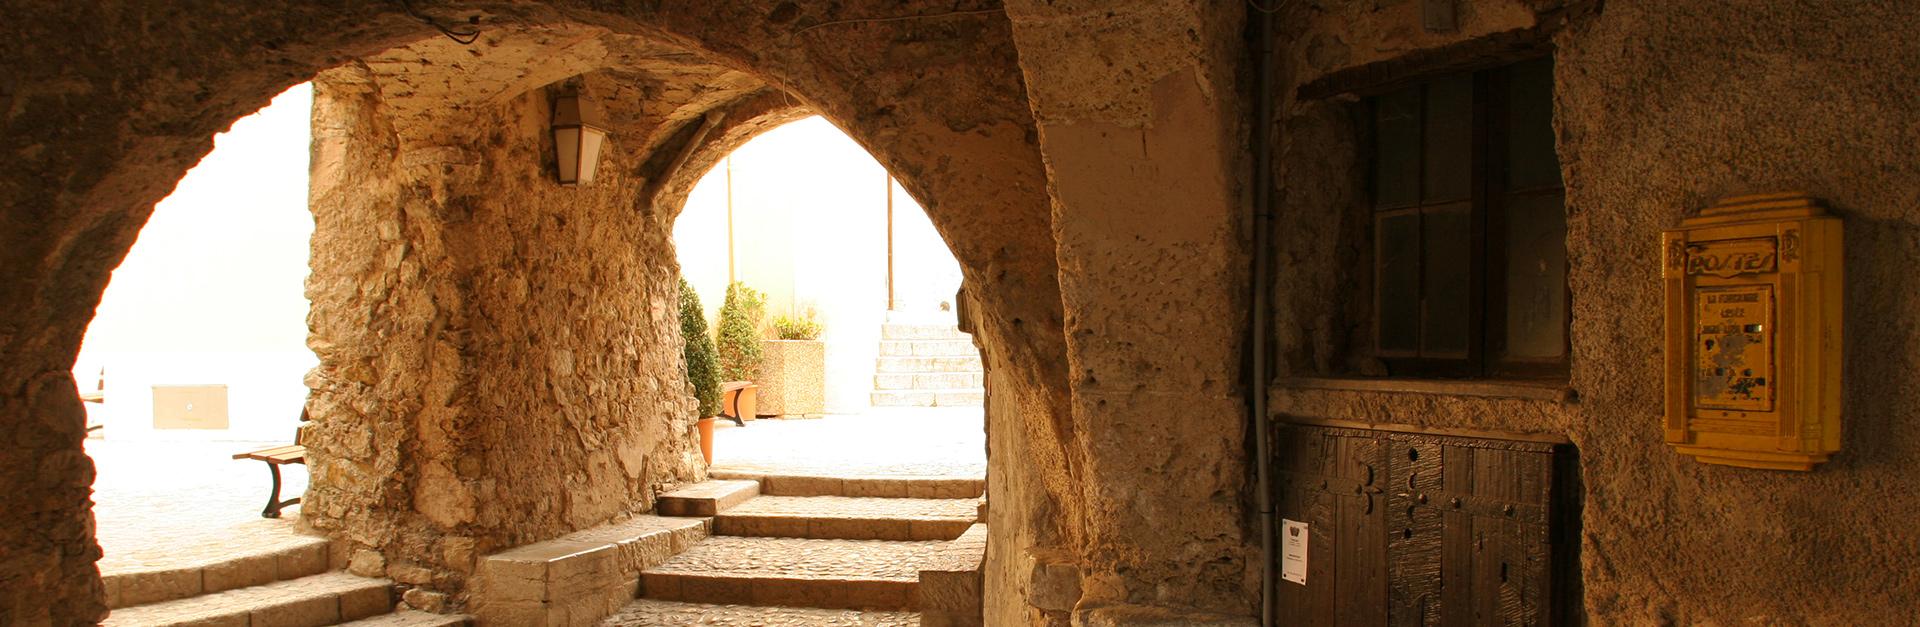 Sainte agnes village perché découverte